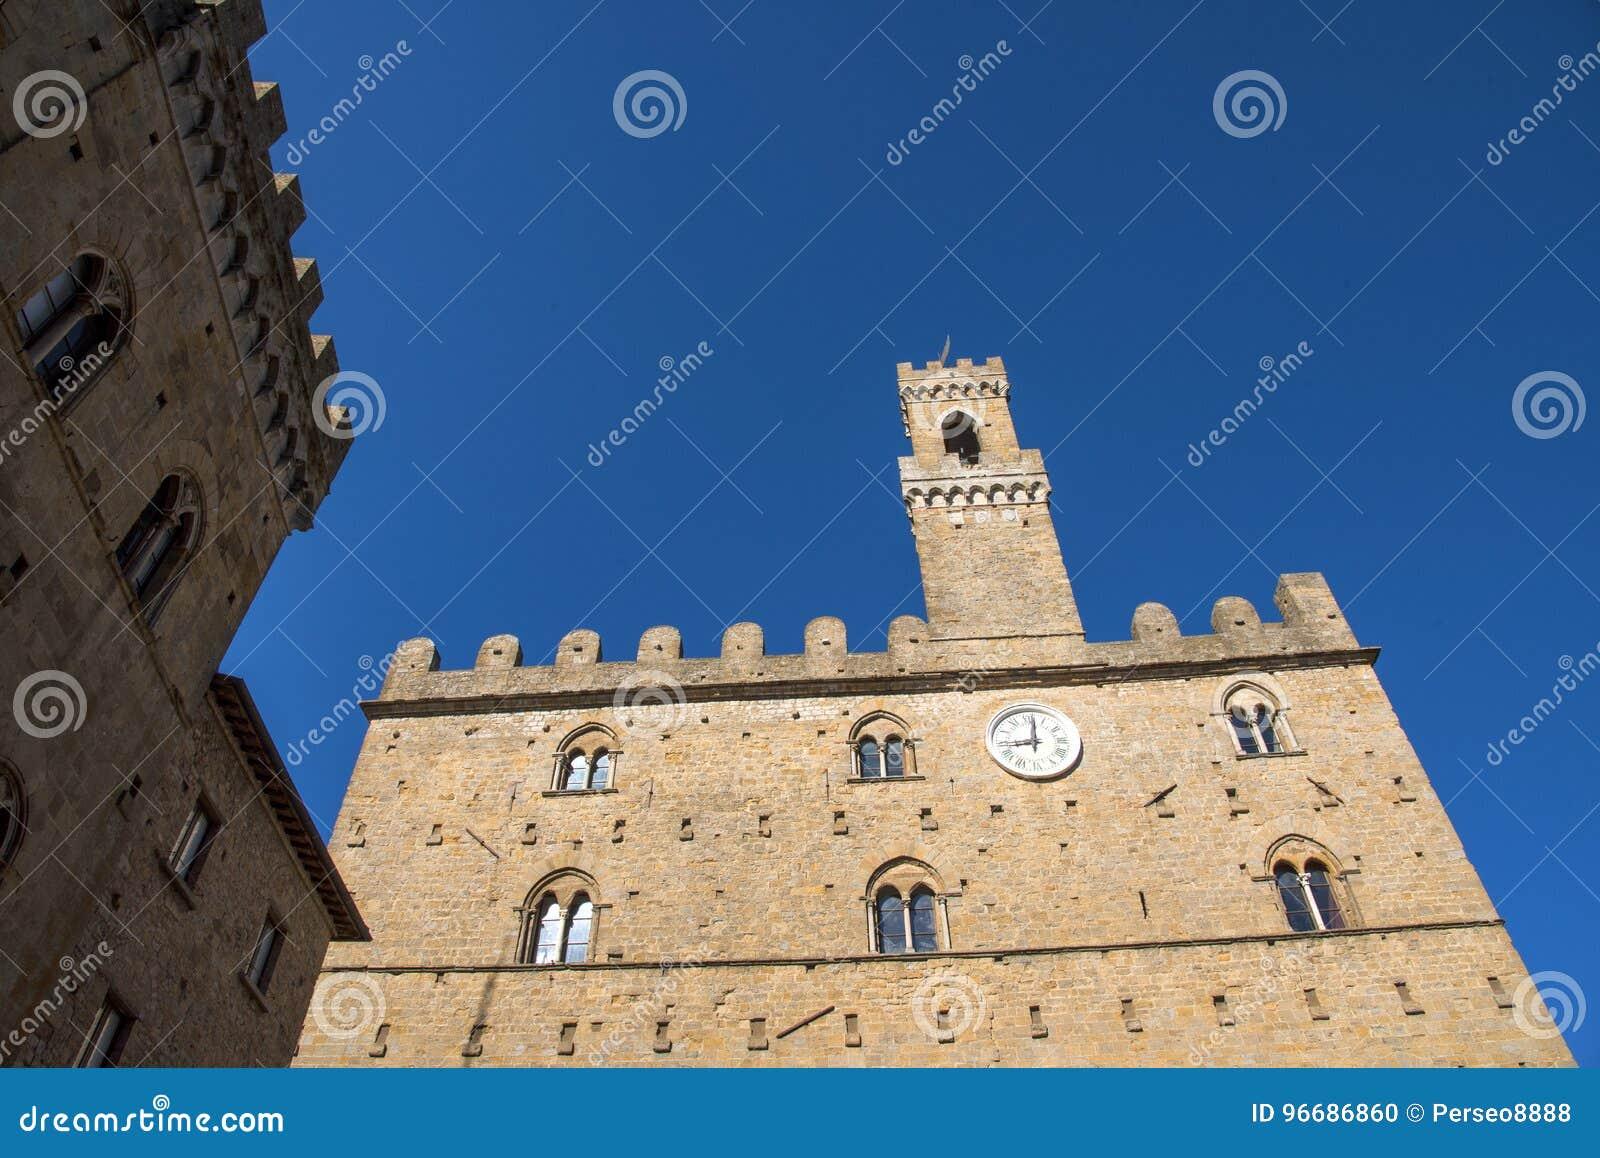 Volterra town central square, medieval palace Palazzo Dei Priori landmark